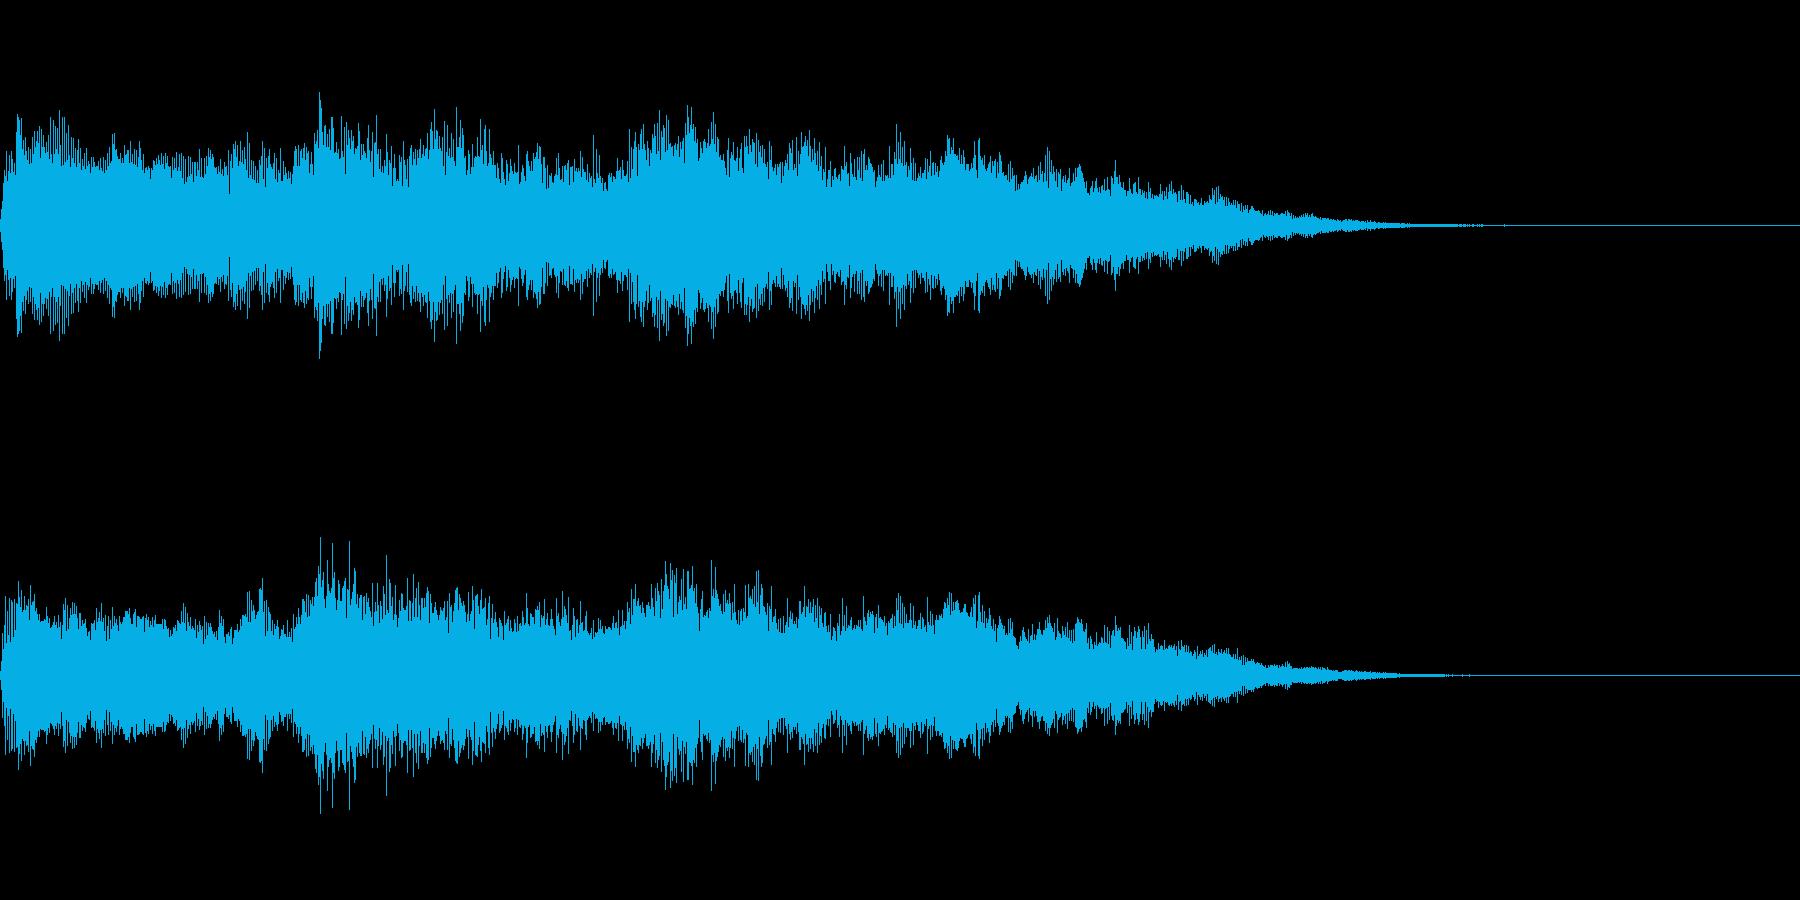 オーガニックなオープニング サウンドロゴの再生済みの波形